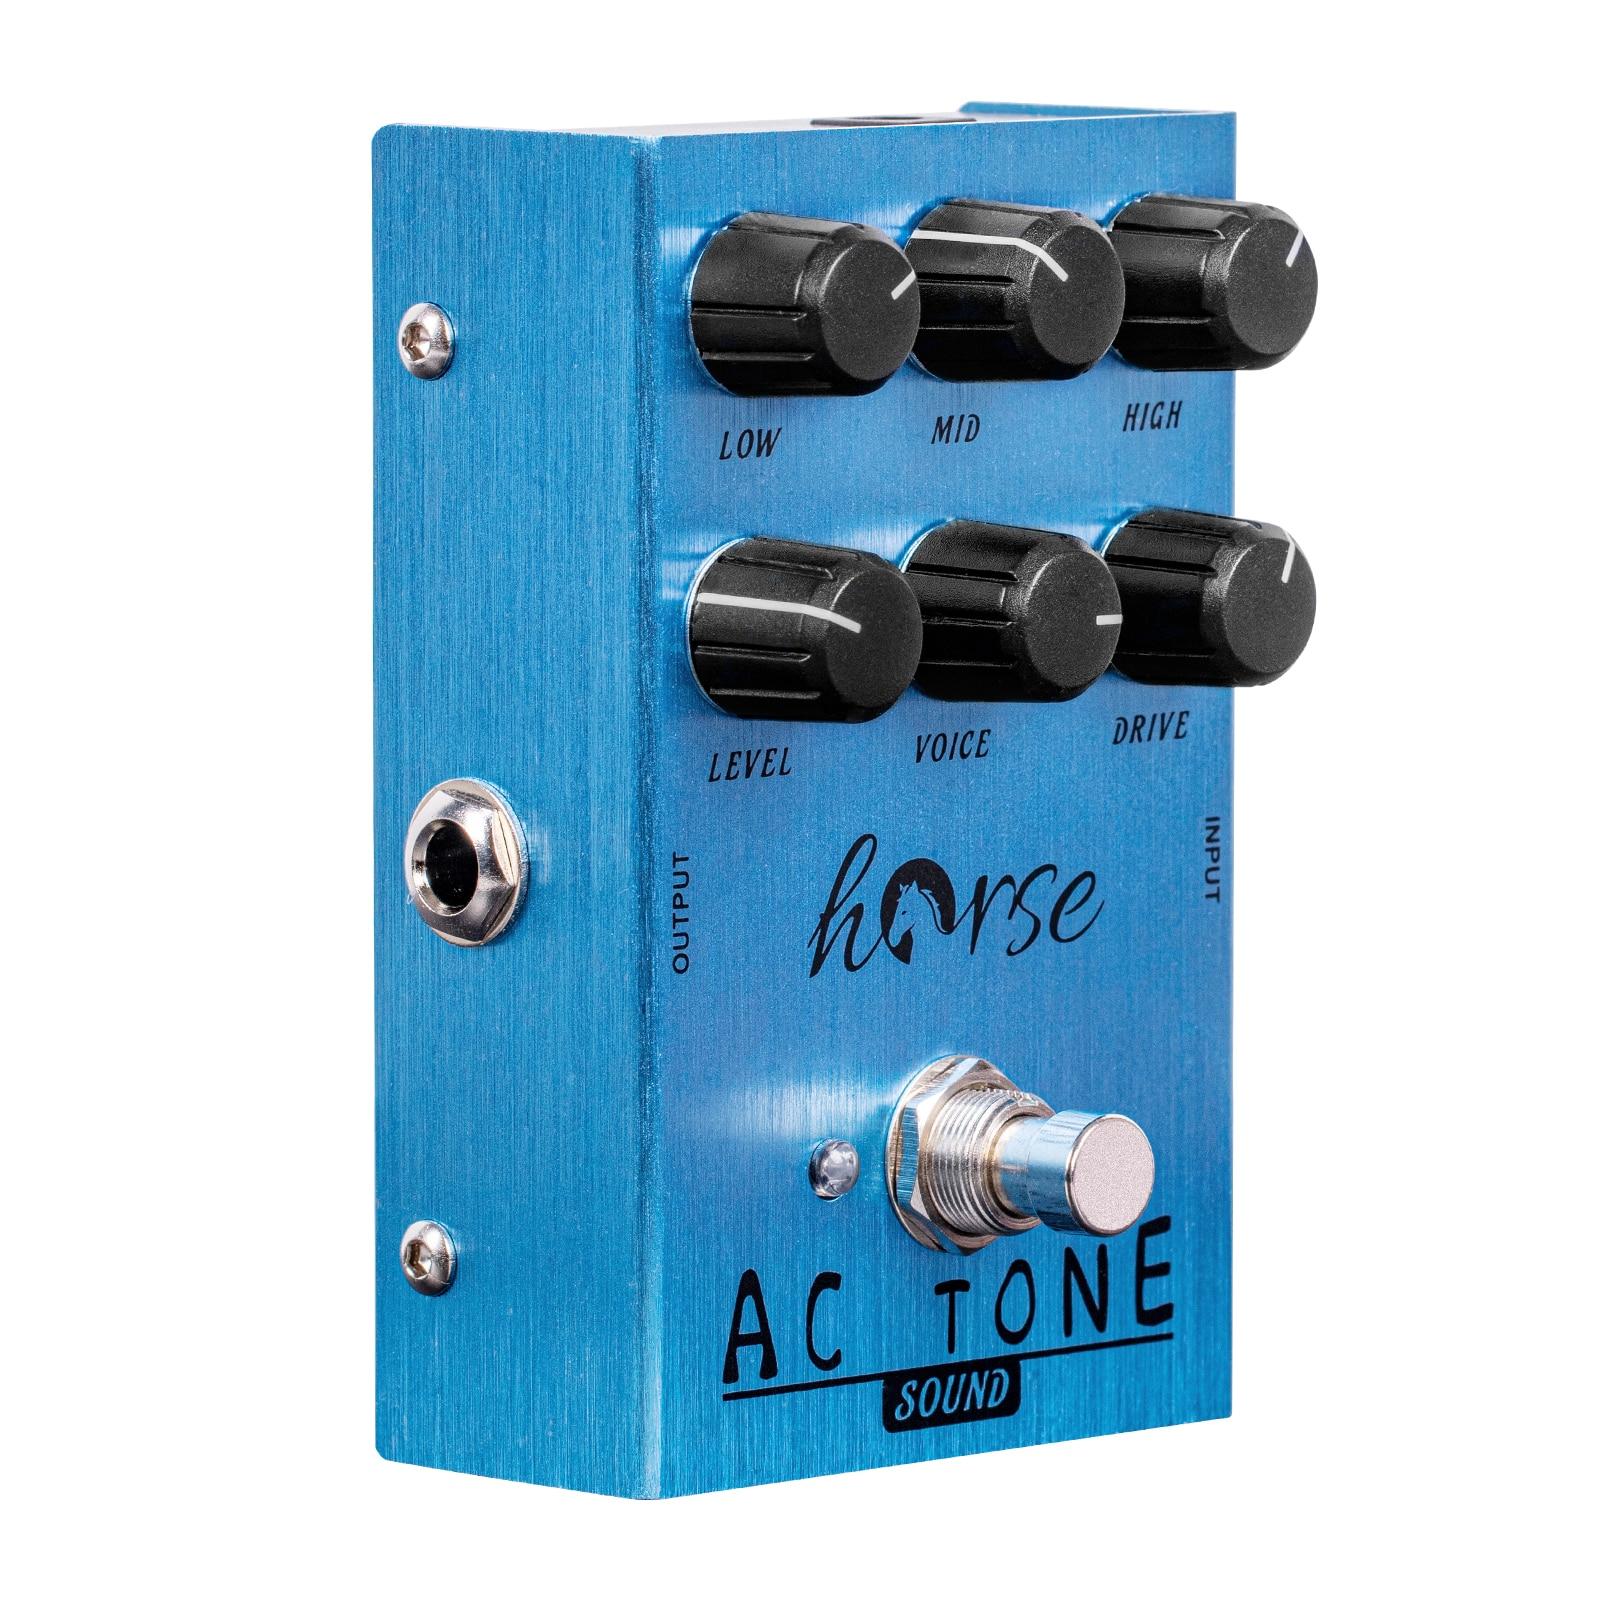 حصان كاليفورنيا صوت كهربائي جيتار مؤثرات دواسة Mesa VOX التيار المتناوب لهجة خمر مُضخّم صوت